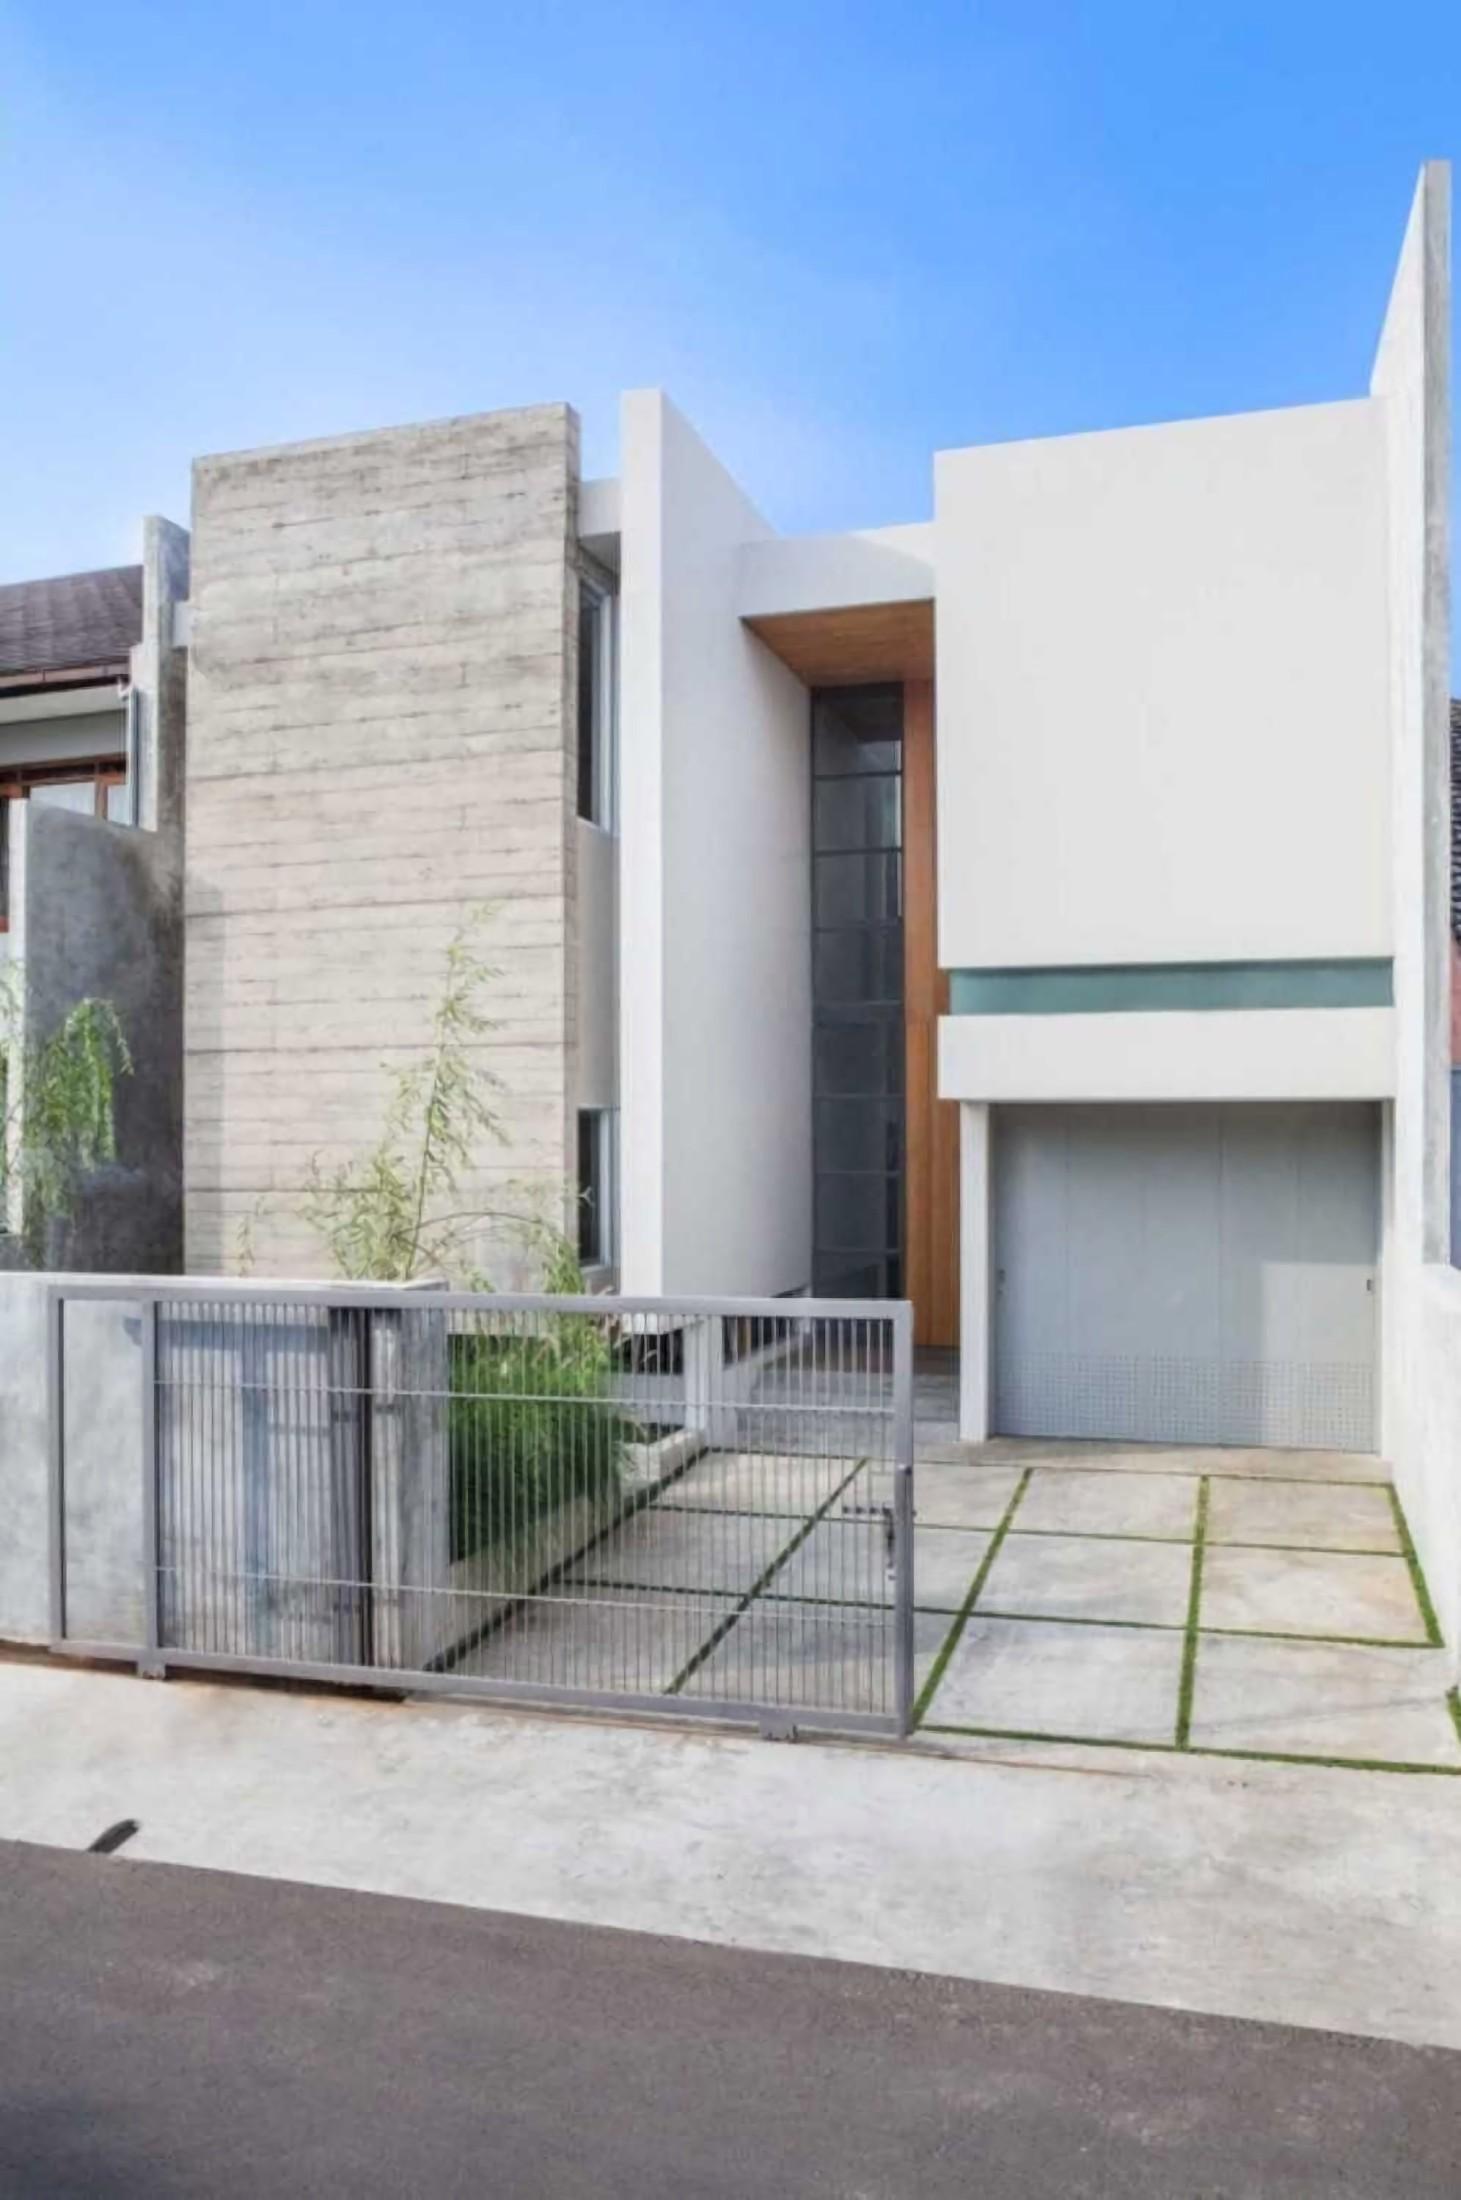 Januar Senjaya & Filani Limansyah dari ADDO Architecture memanfaatkan bentuk-bentuk lempengan balok untuk mengarahkan cahaya matahari yang masuk ke dalam ruang. Lempengan balok yang tinggi mendominasi tampak depan rumah, menampilkan arsitektur minimalis yang fungsional, sekaligus tampil elegan dengan bentuk geometris yang sederhana.